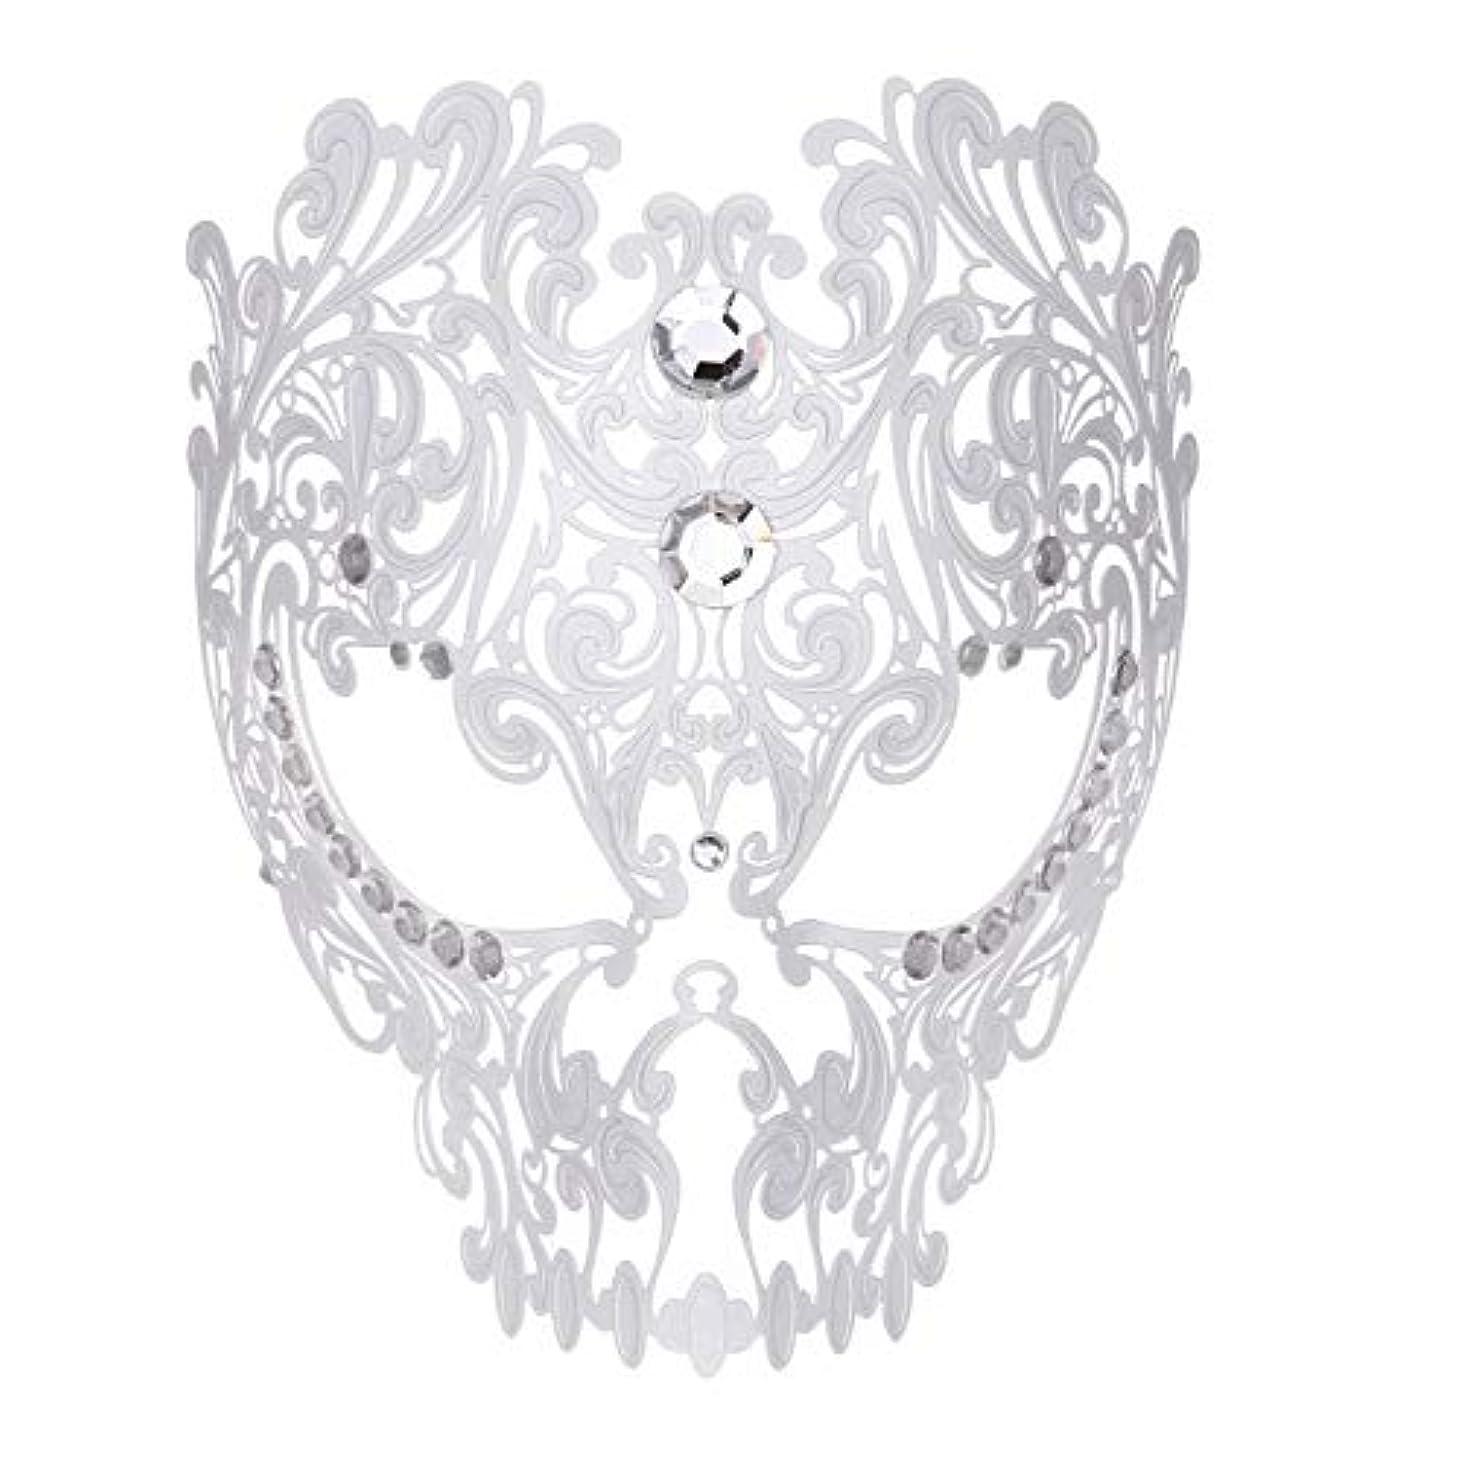 ネックレットレンダークラッシュダンスマスク フルフェイスエナメル金属象眼細工中空マスクナイトクラブパーティーロールプレイングマスカレードマスク ホリデーパーティー用品 (色 : 白, サイズ : Universal)